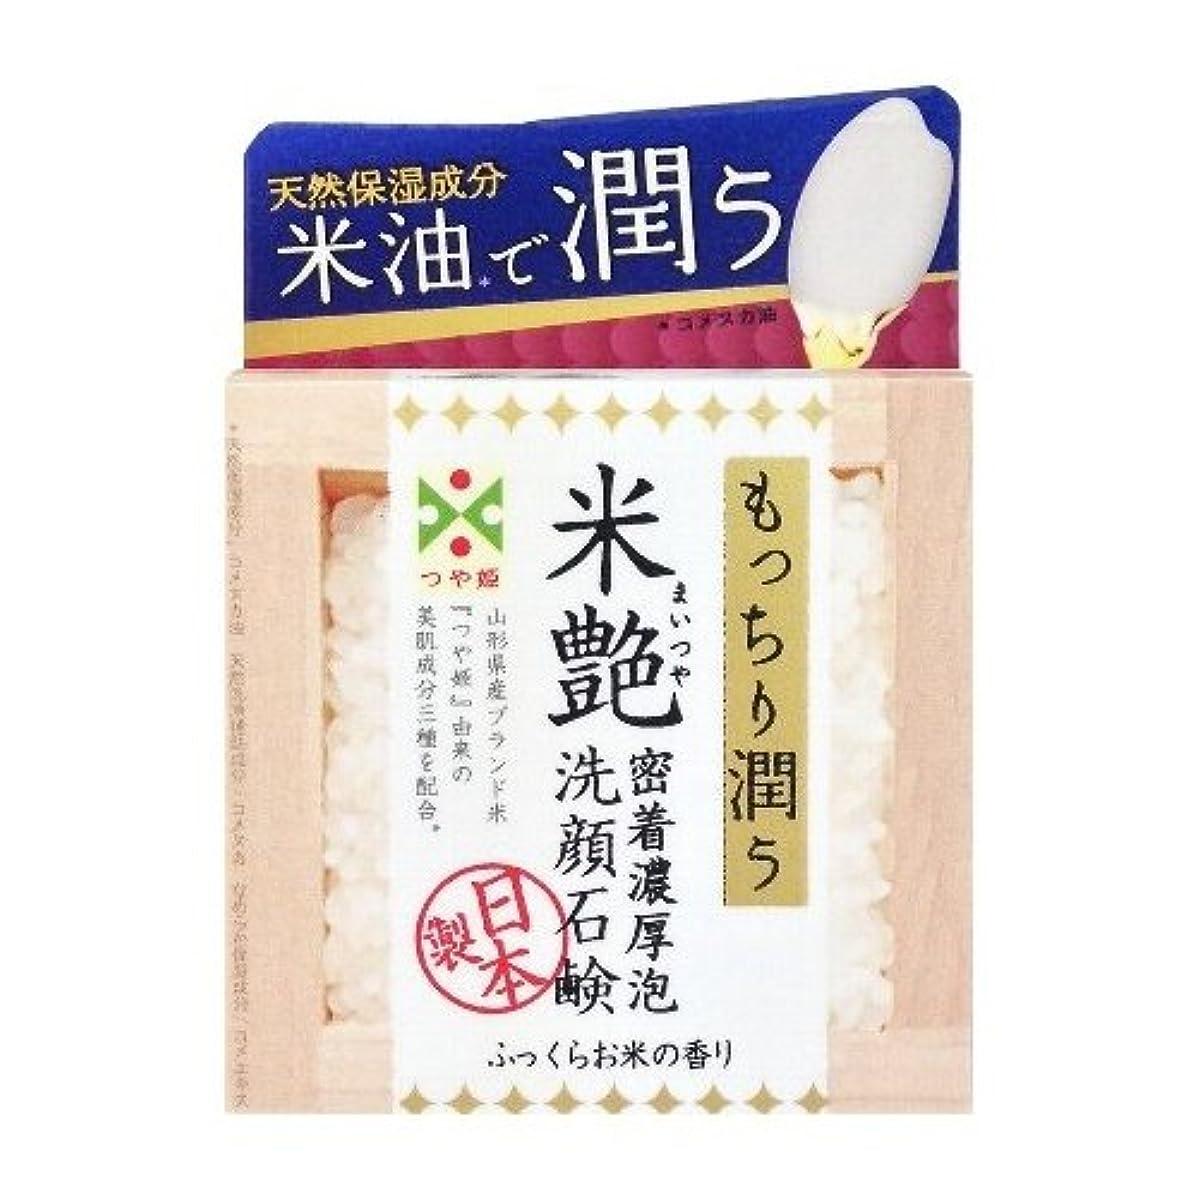 完全に乾く速報悪行ペリカン石鹸 米艶洗顔石鹸 100g